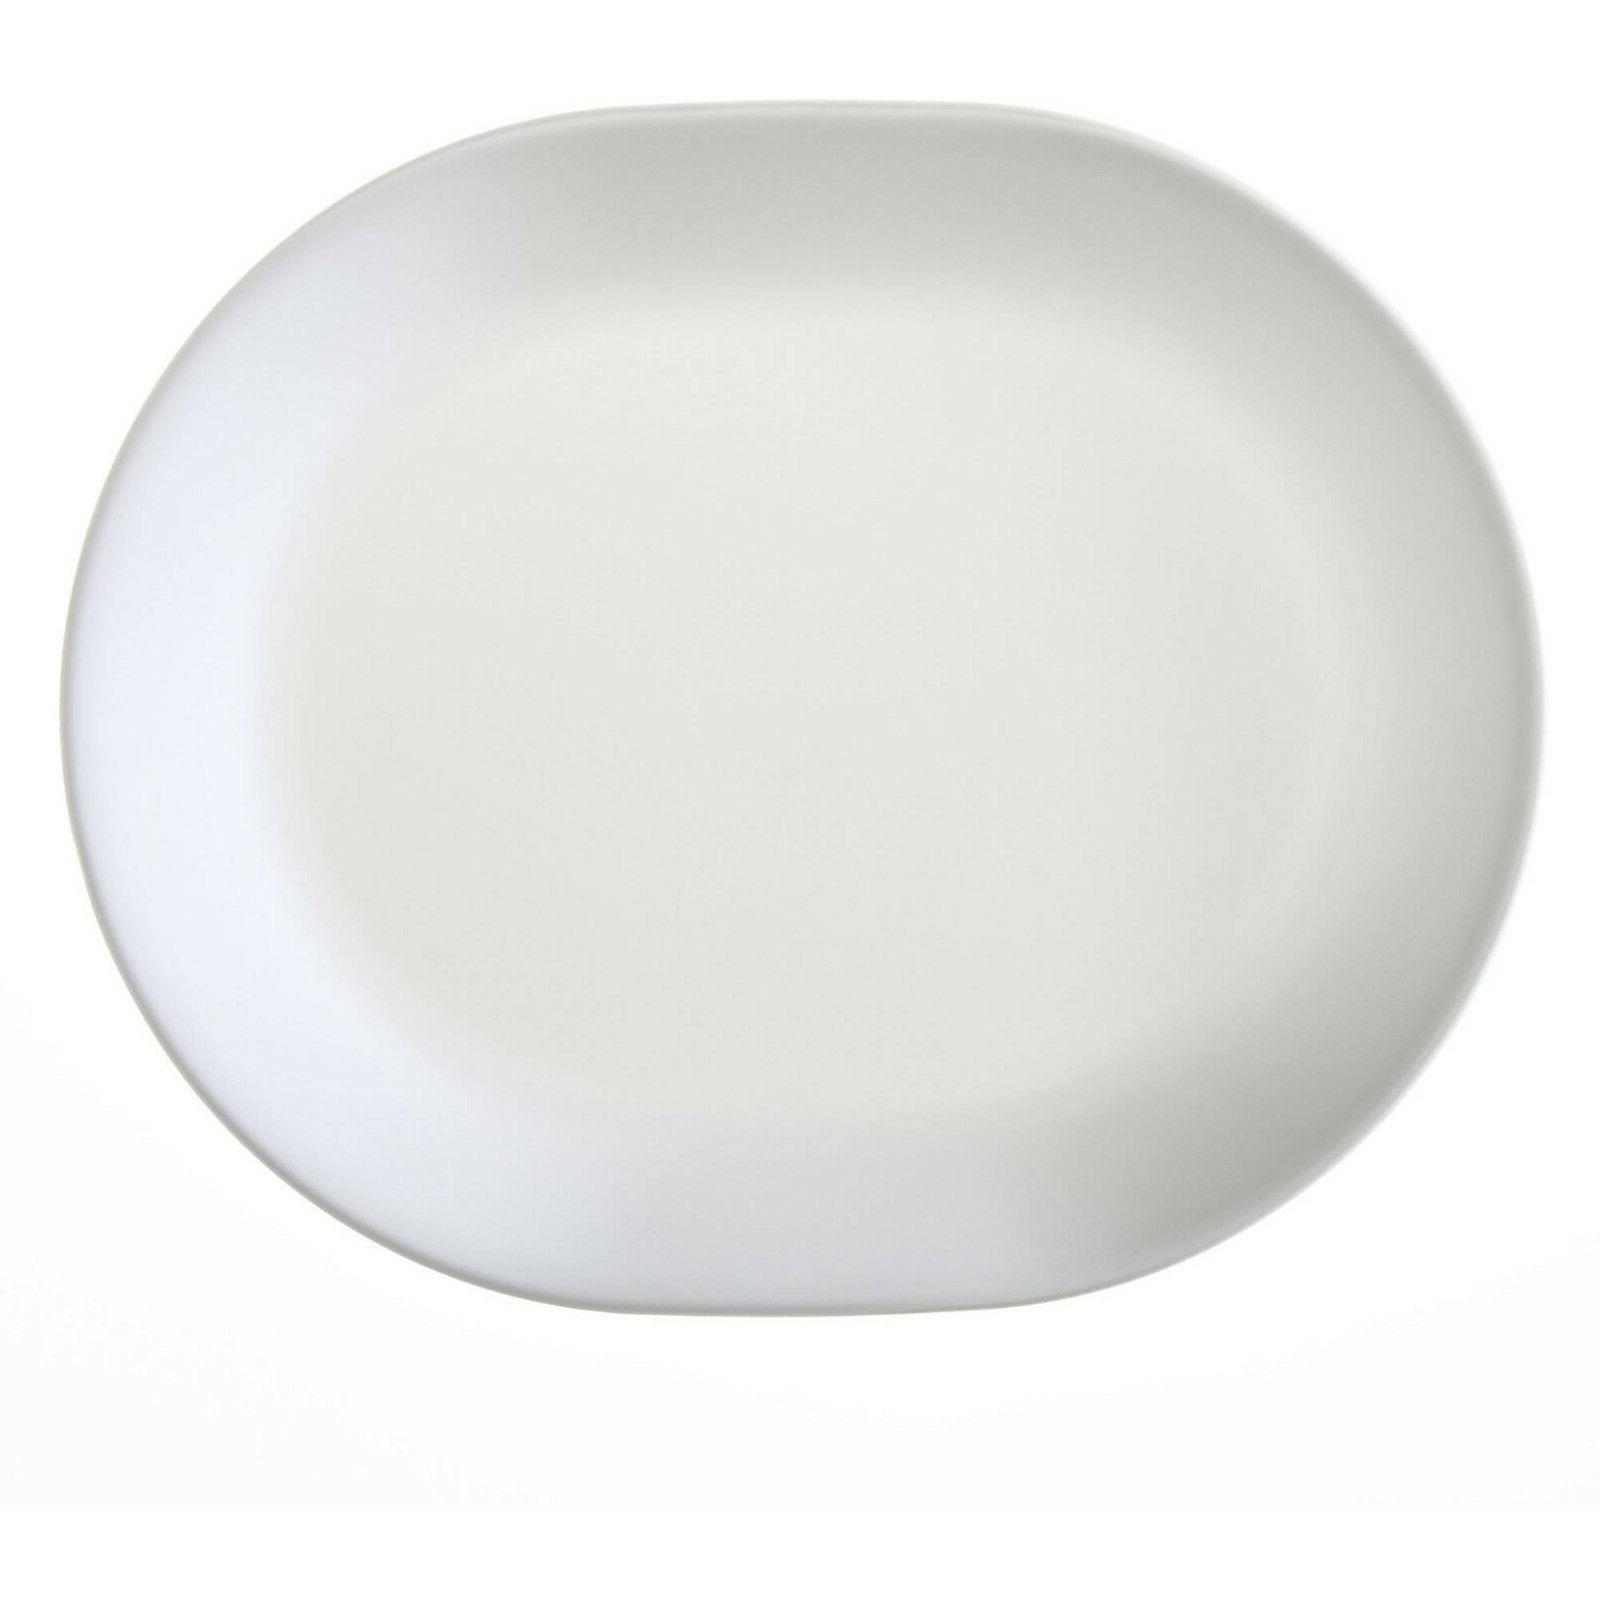 Corelle Plates Kitchen Piece Set